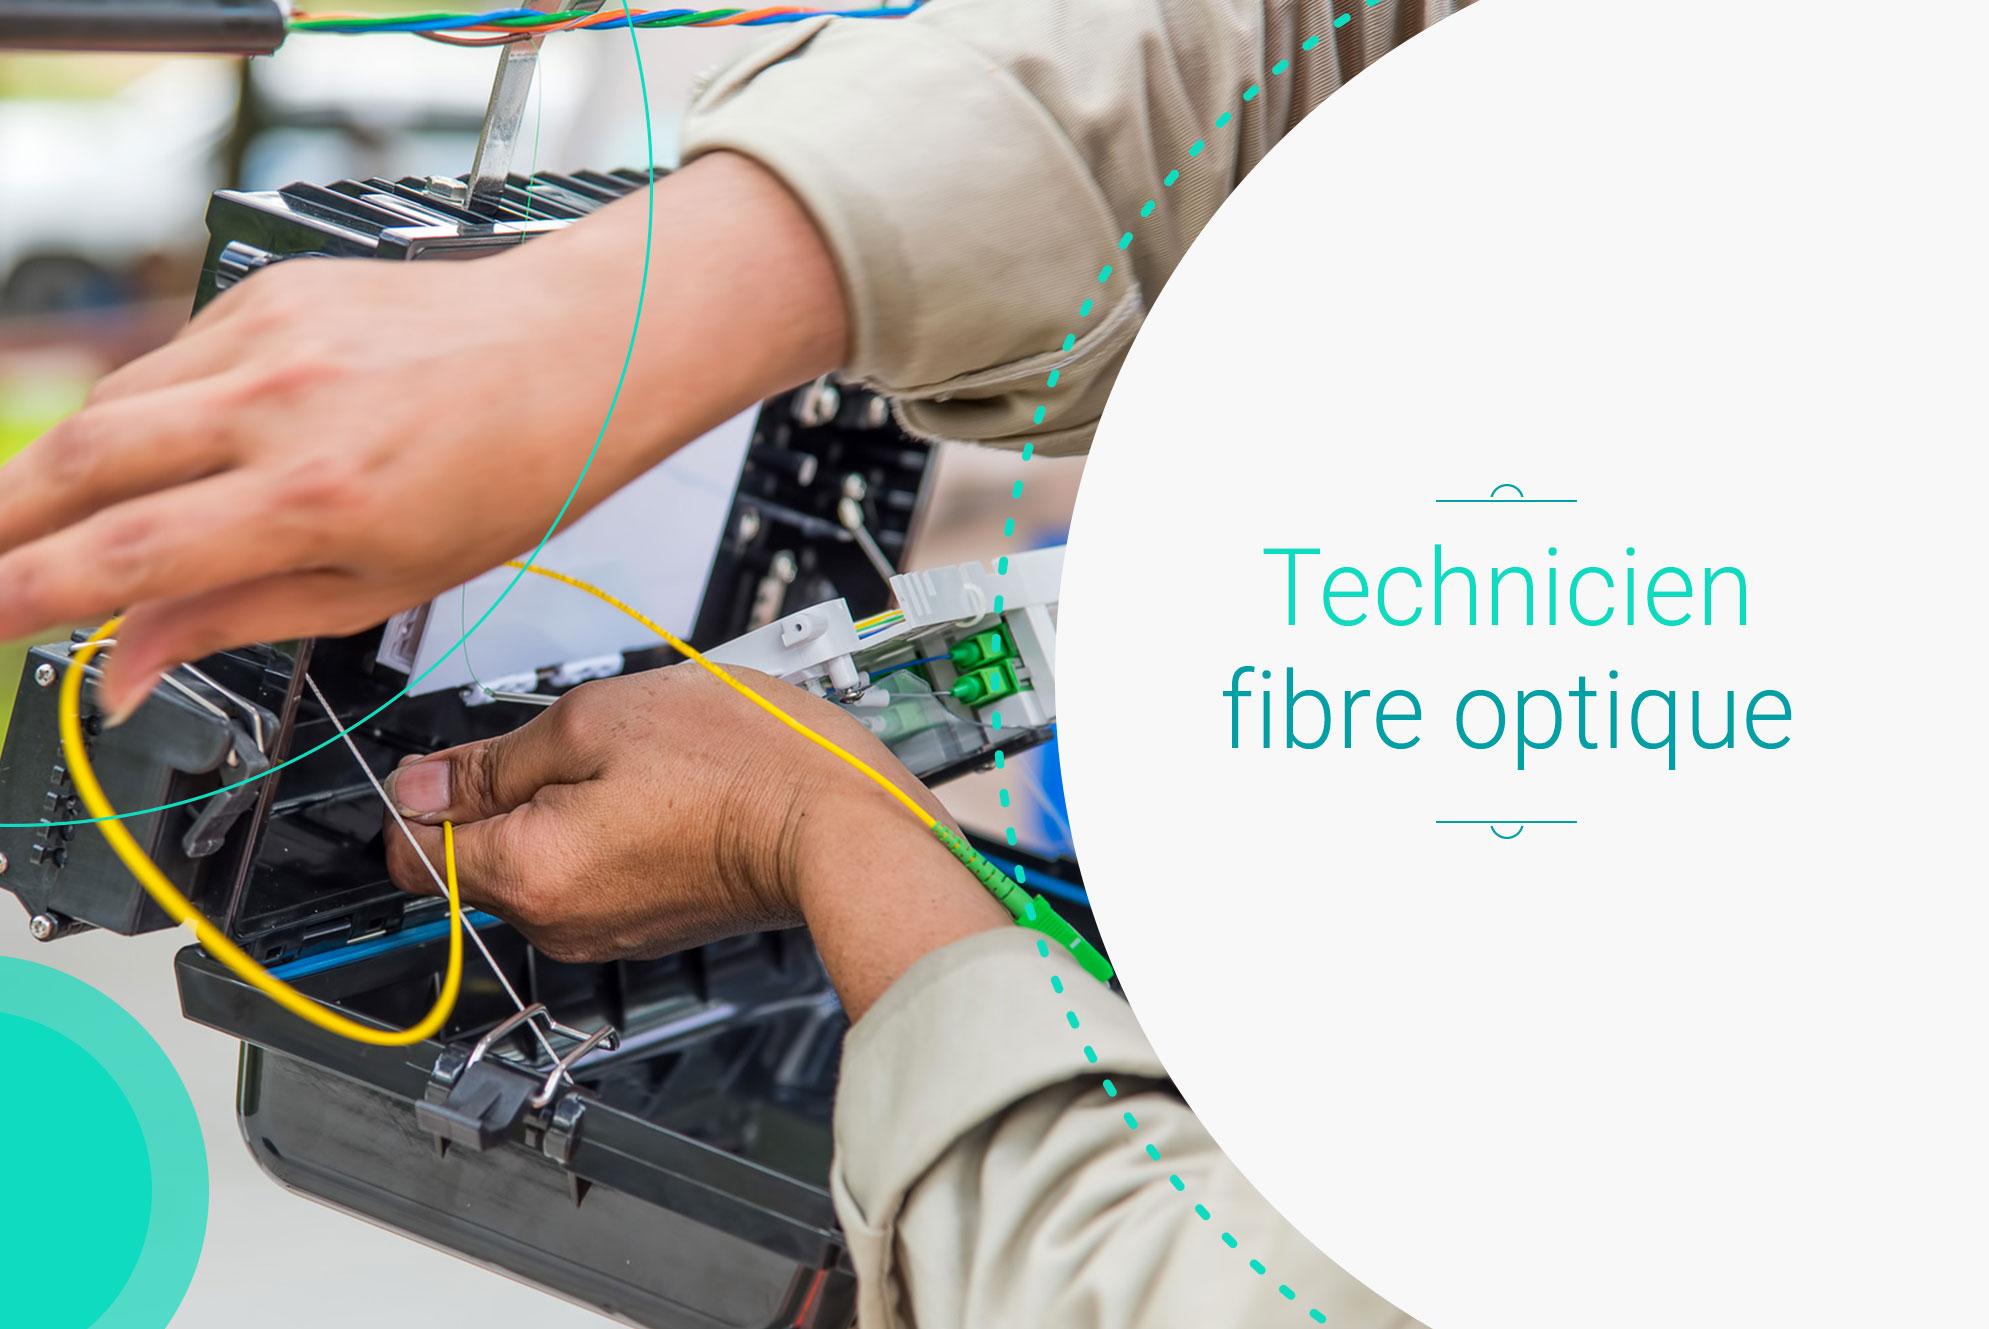 technicien-fibre-optique